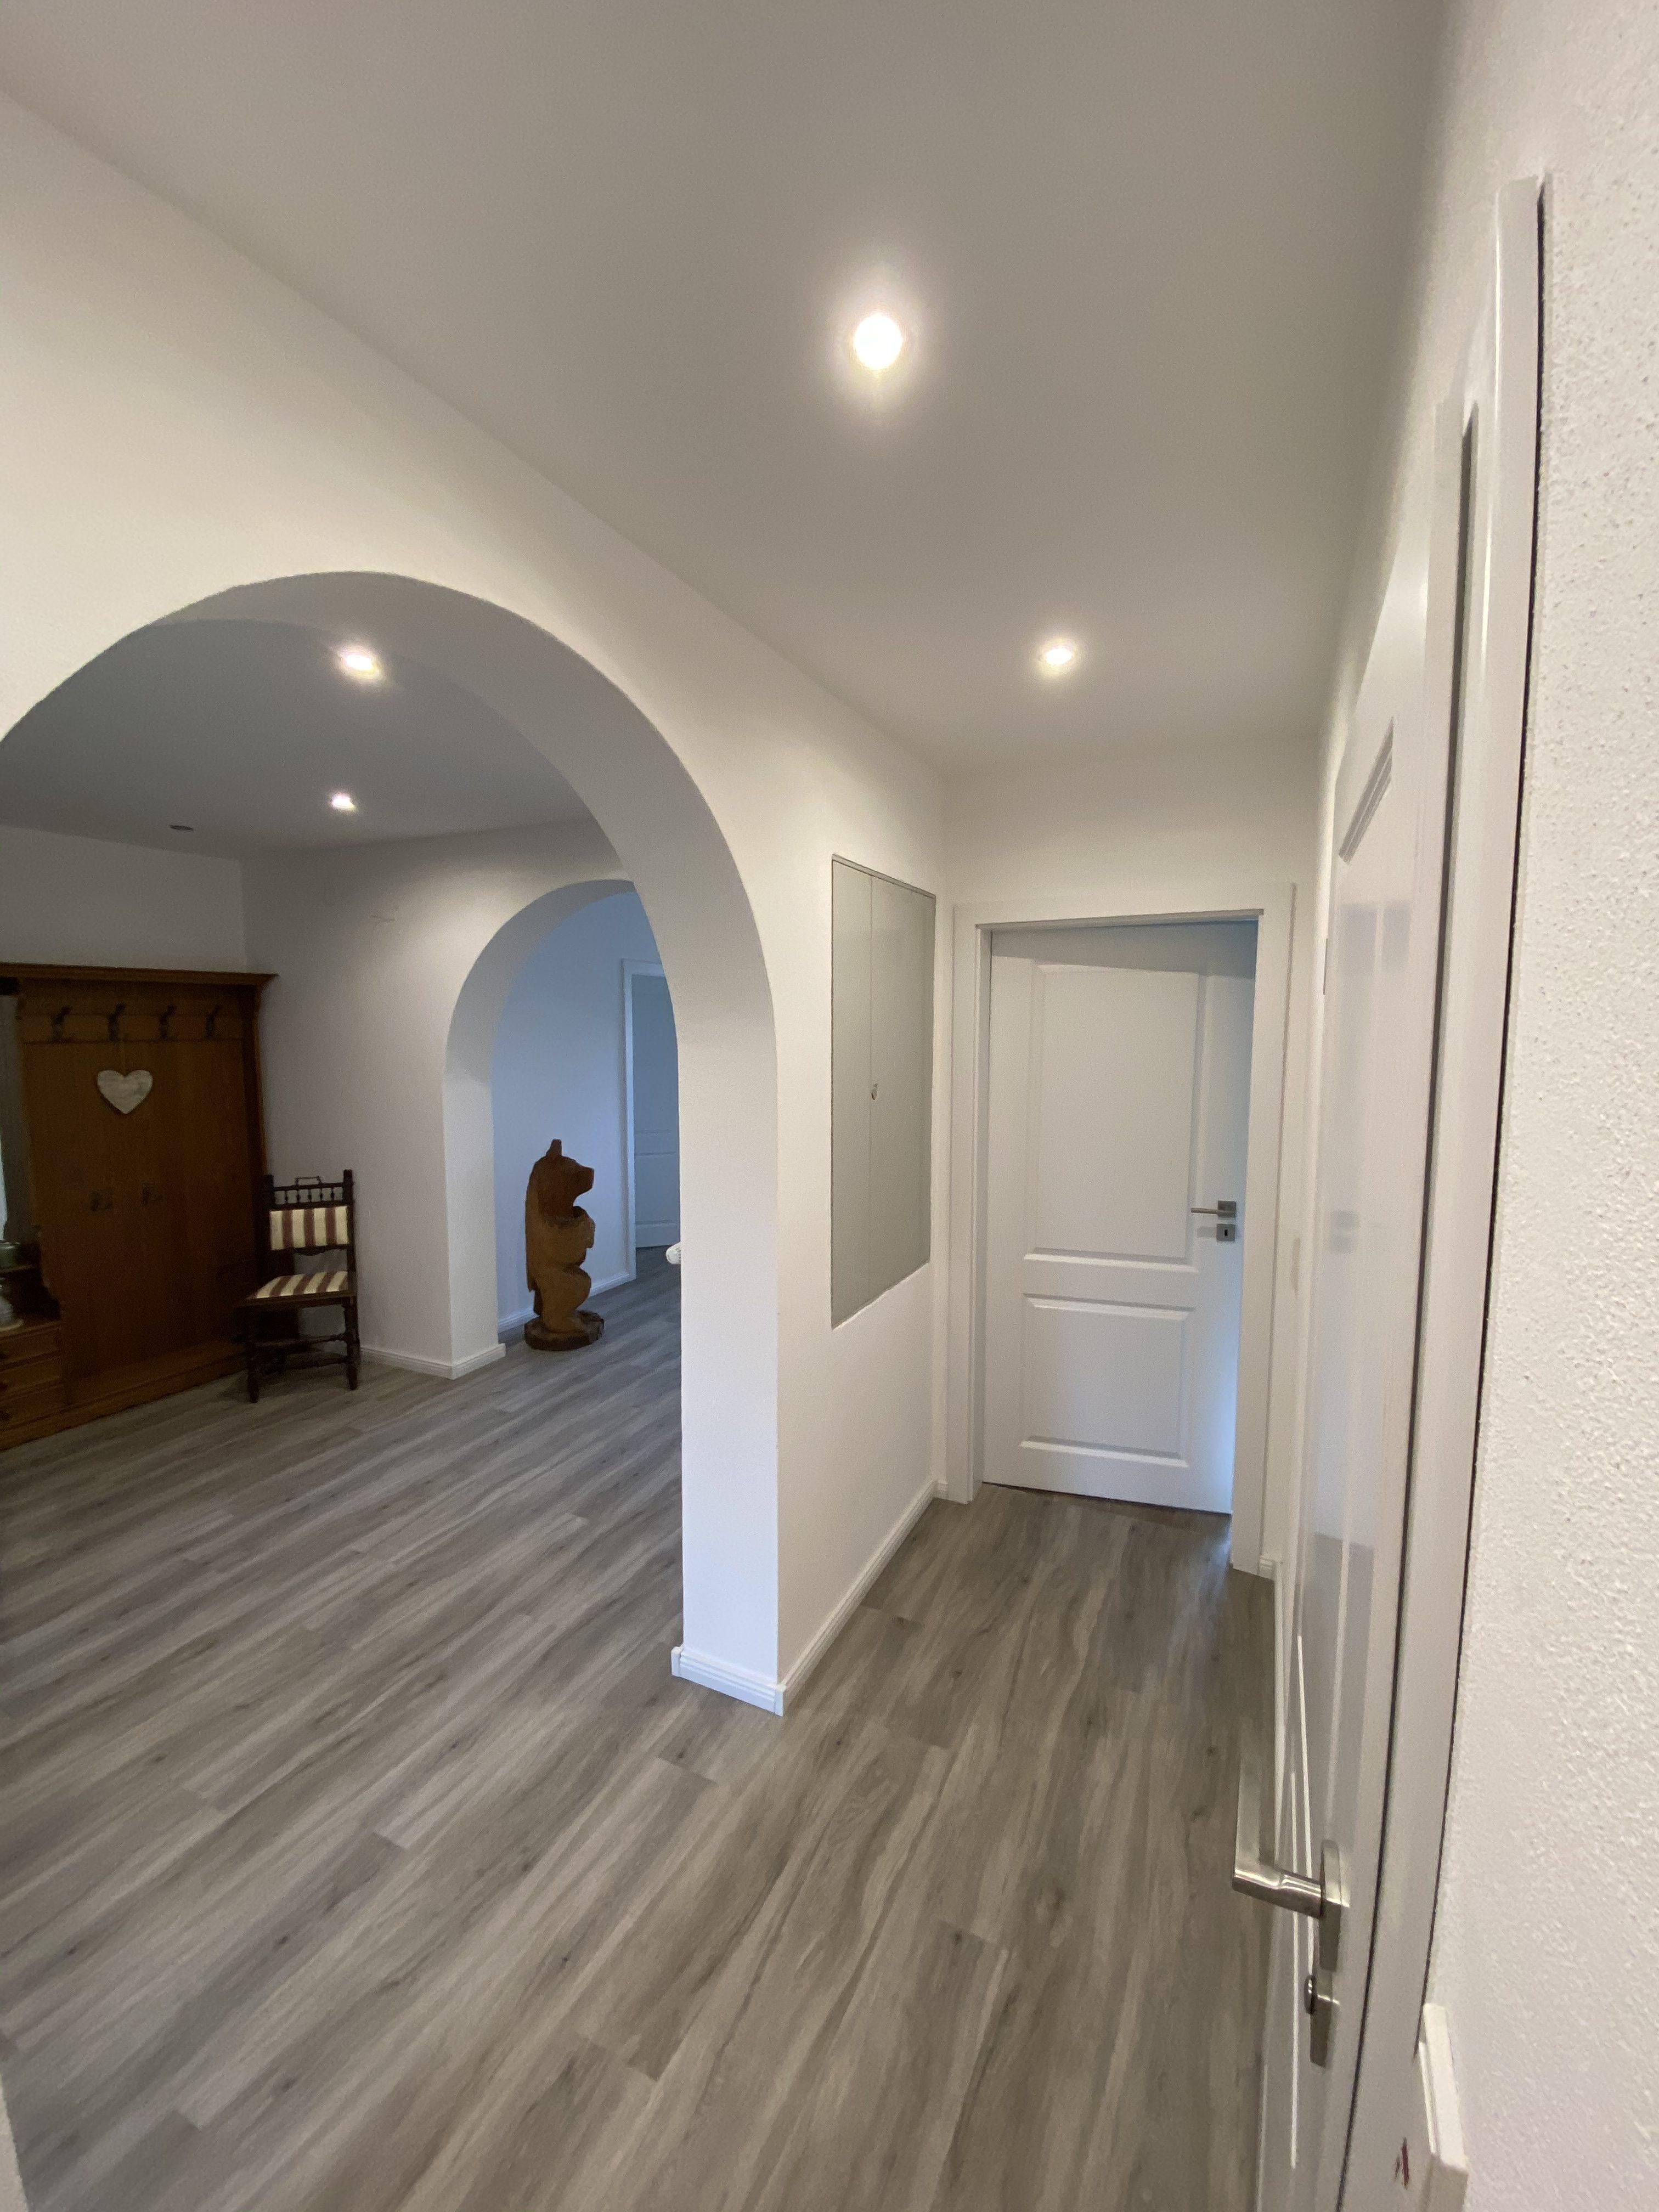 vorher nachher vergleich Hausbau Sanierung umbau renovieren Bauen Bautagebuch baublog